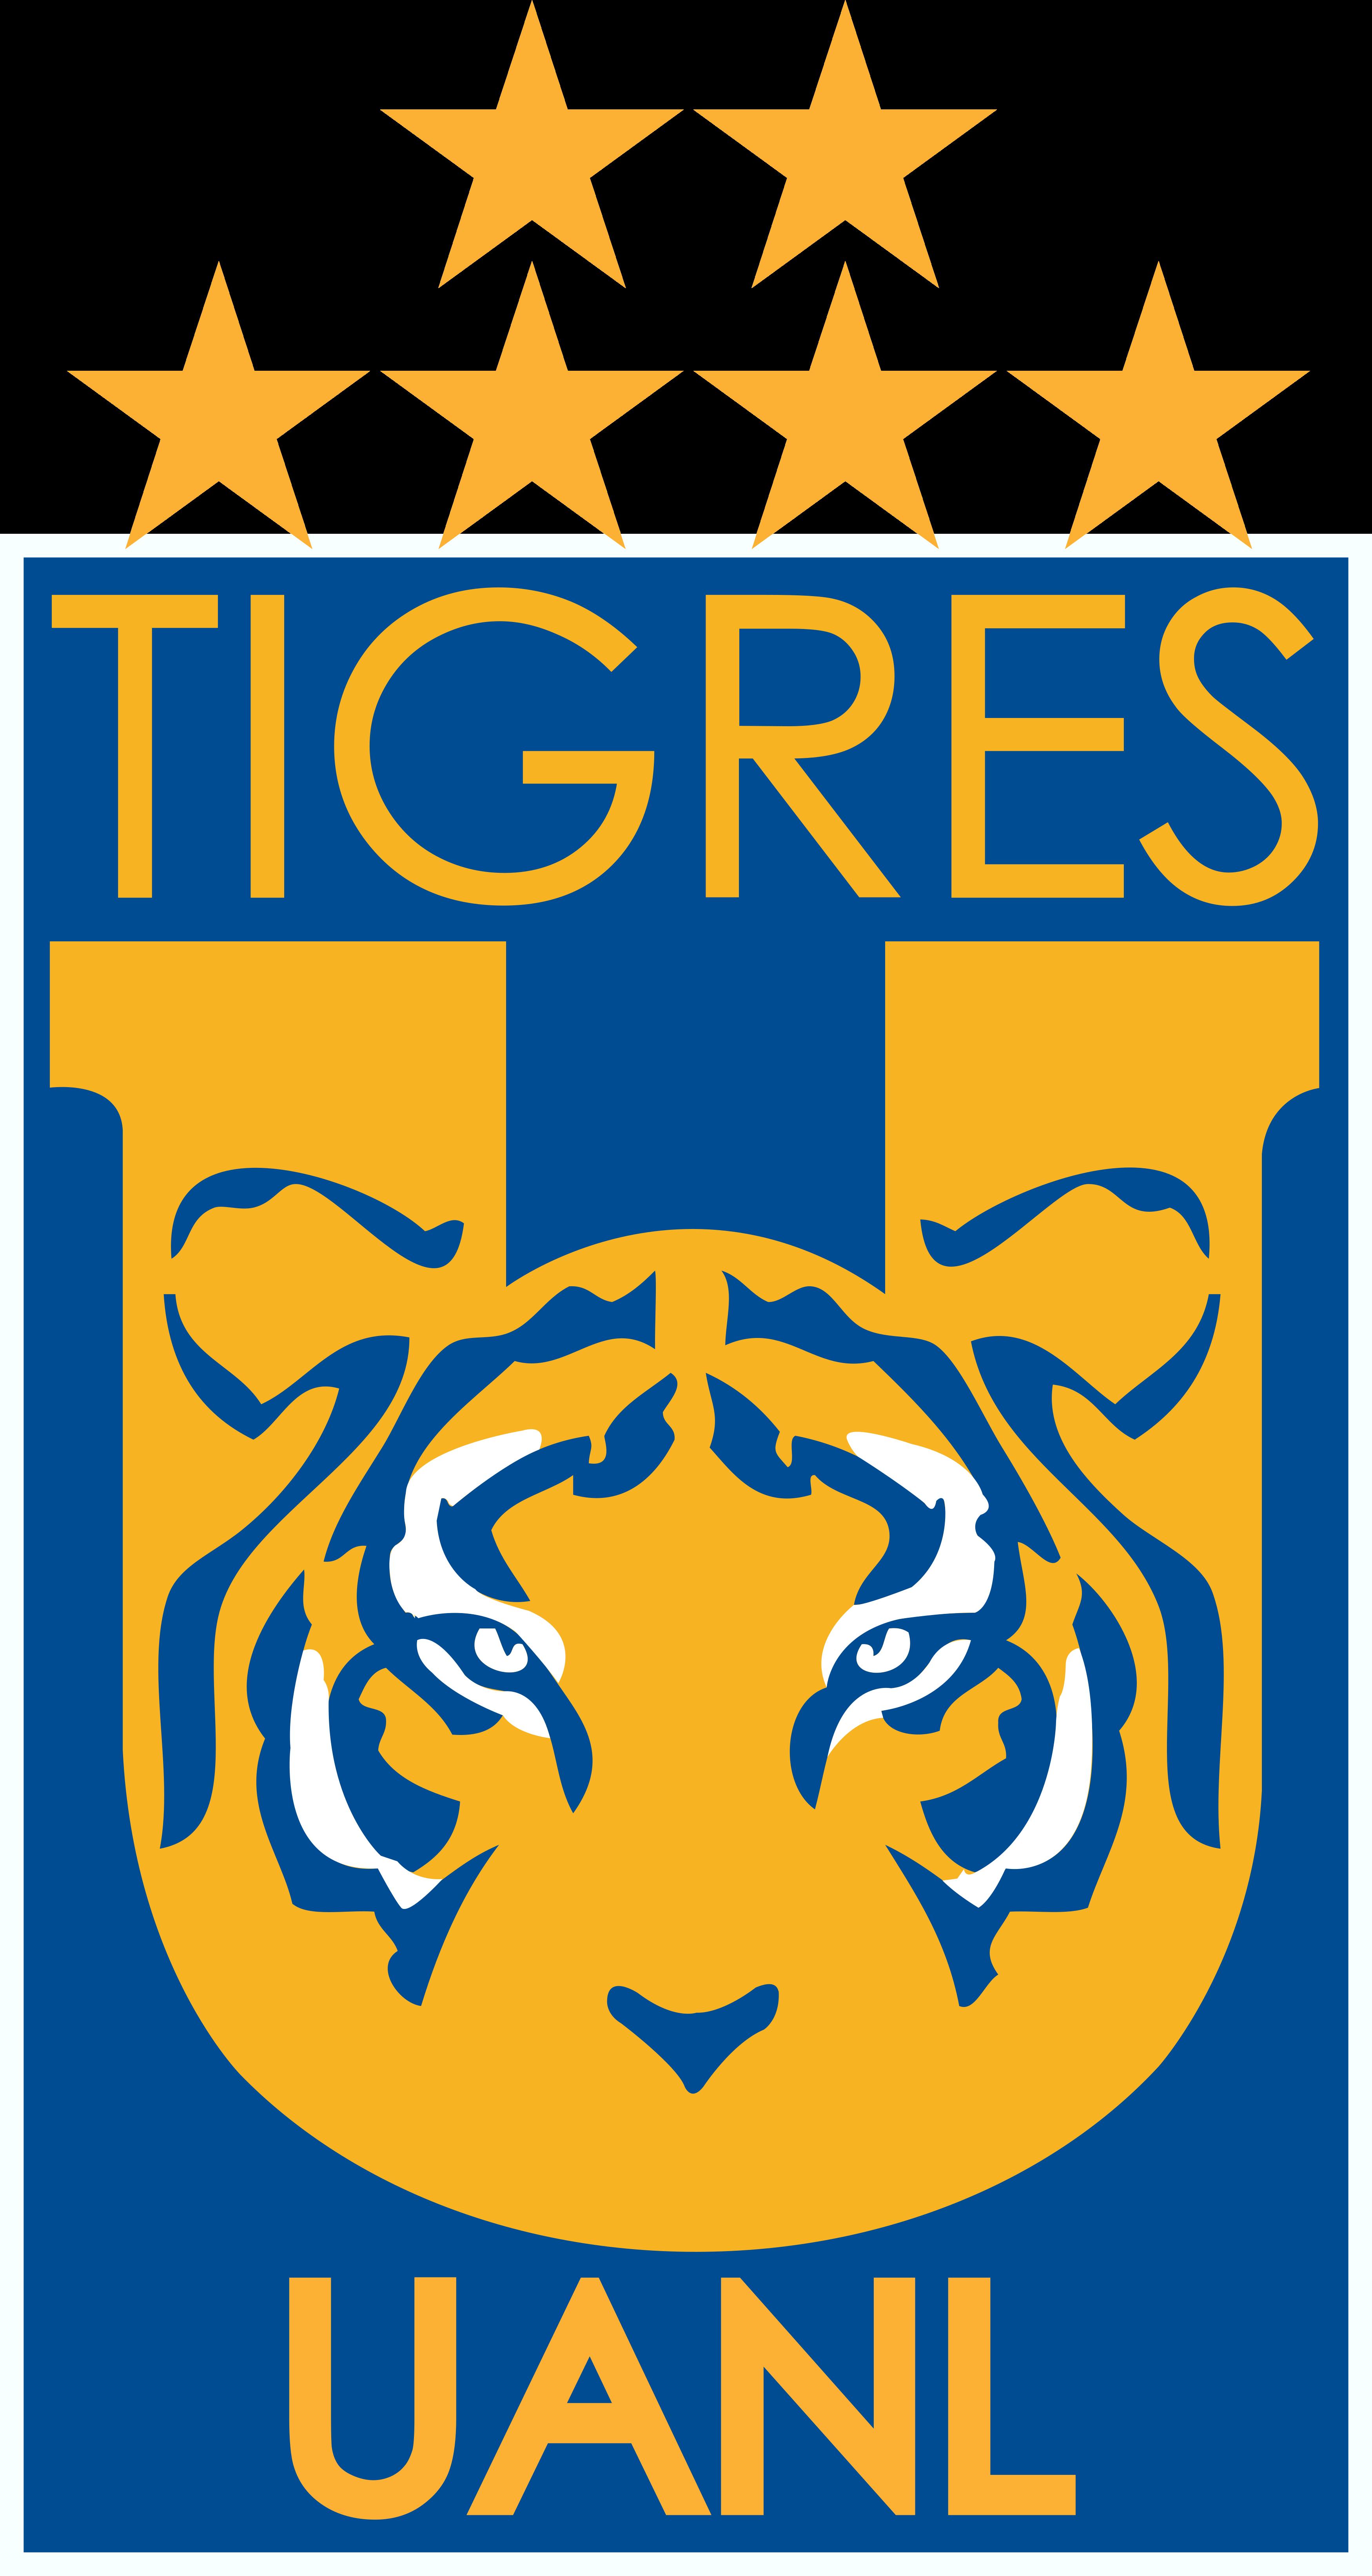 tigres mexico logo escudo - Tigres Logo - Club Tigres do México Escudo